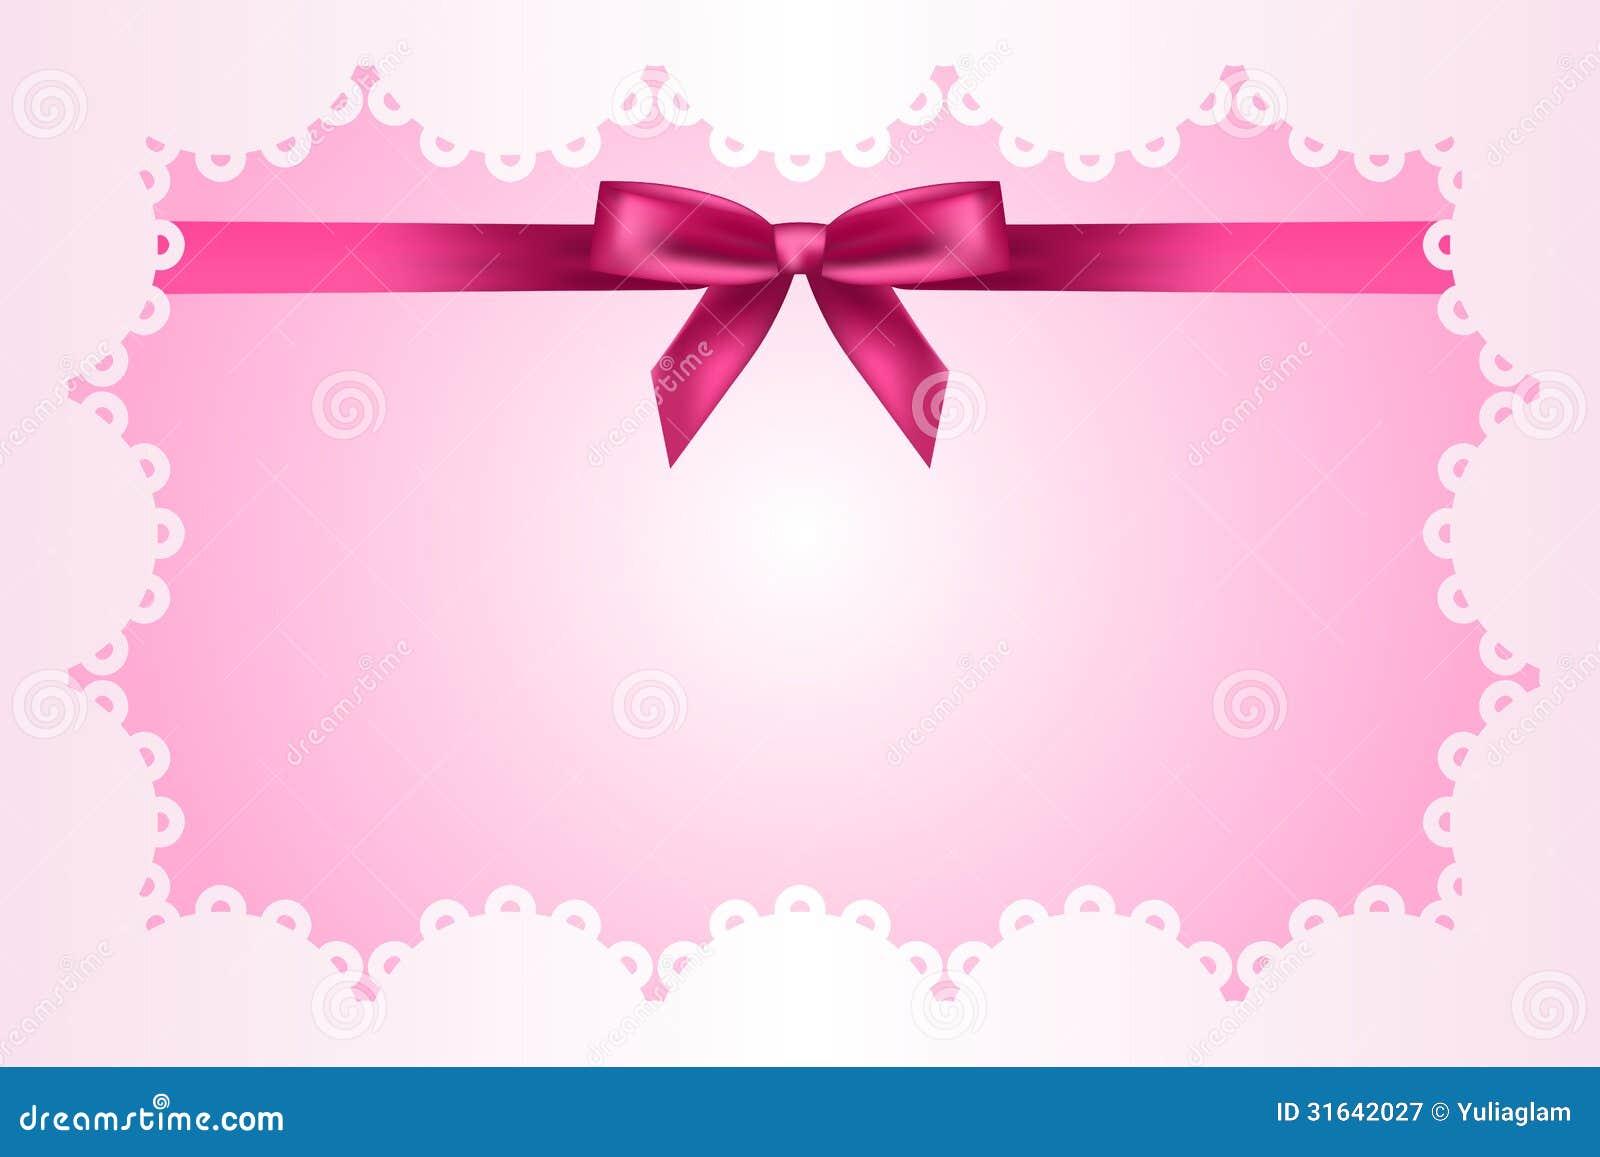 Baby pink ribbon border